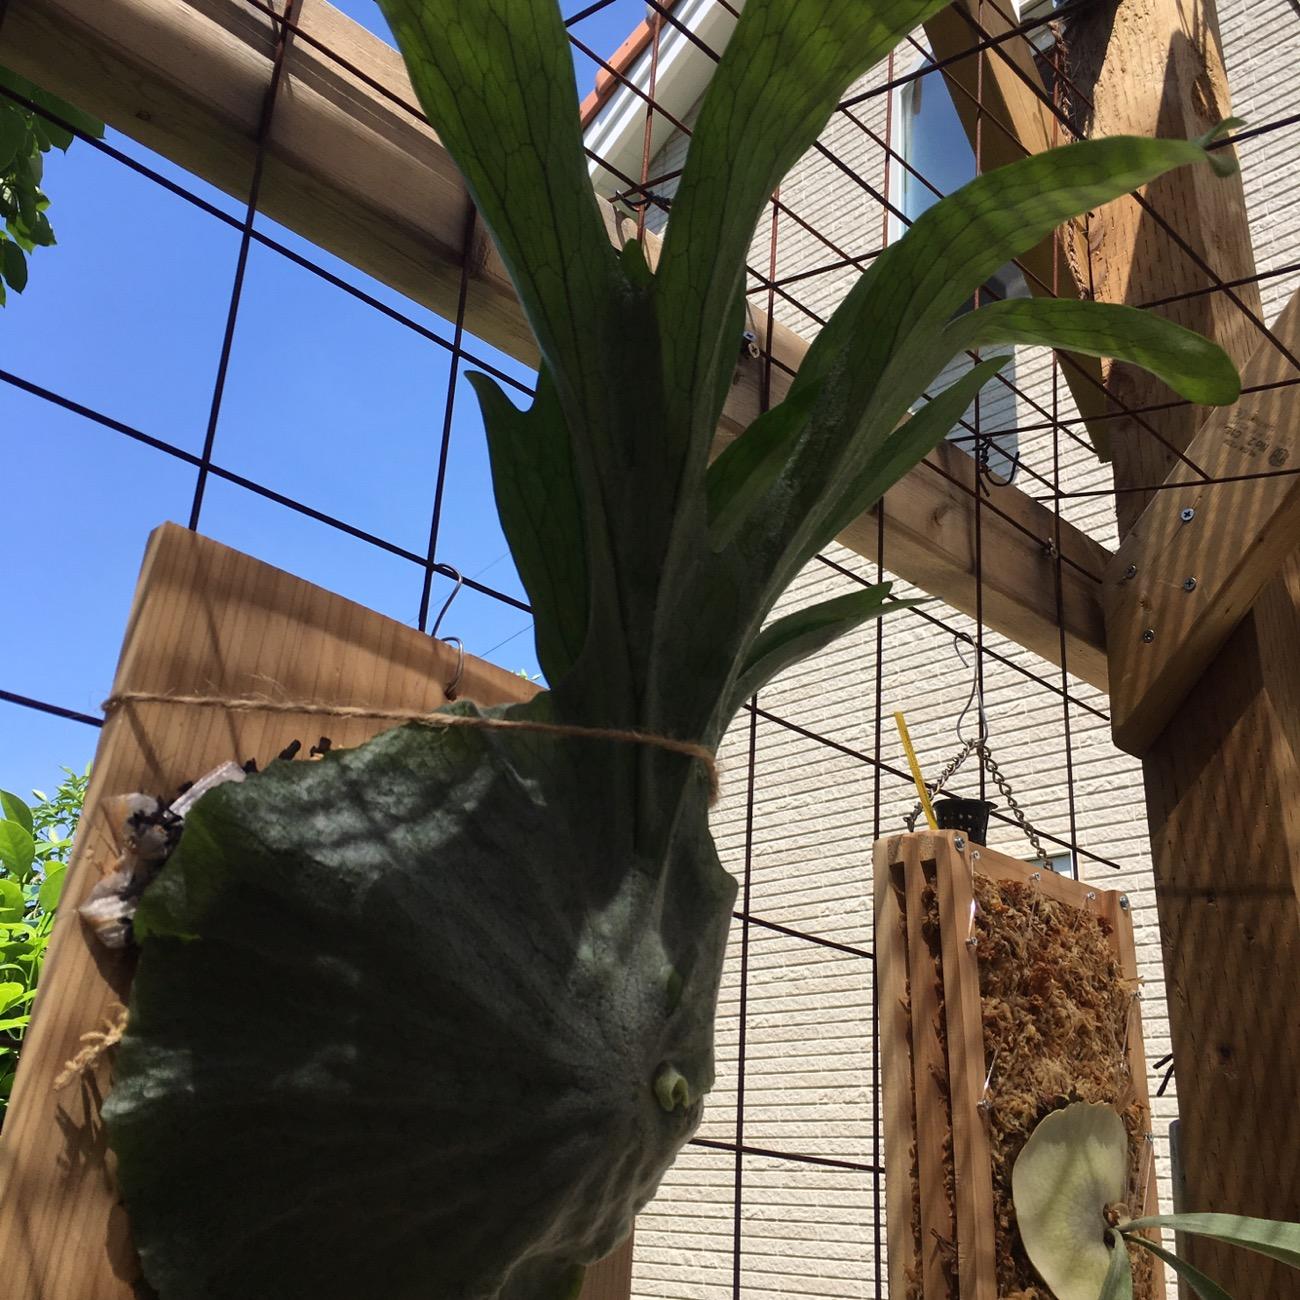 ビカクシダ・グランデの成長記録。約1年目。腐葉土をぶち込んでみる。